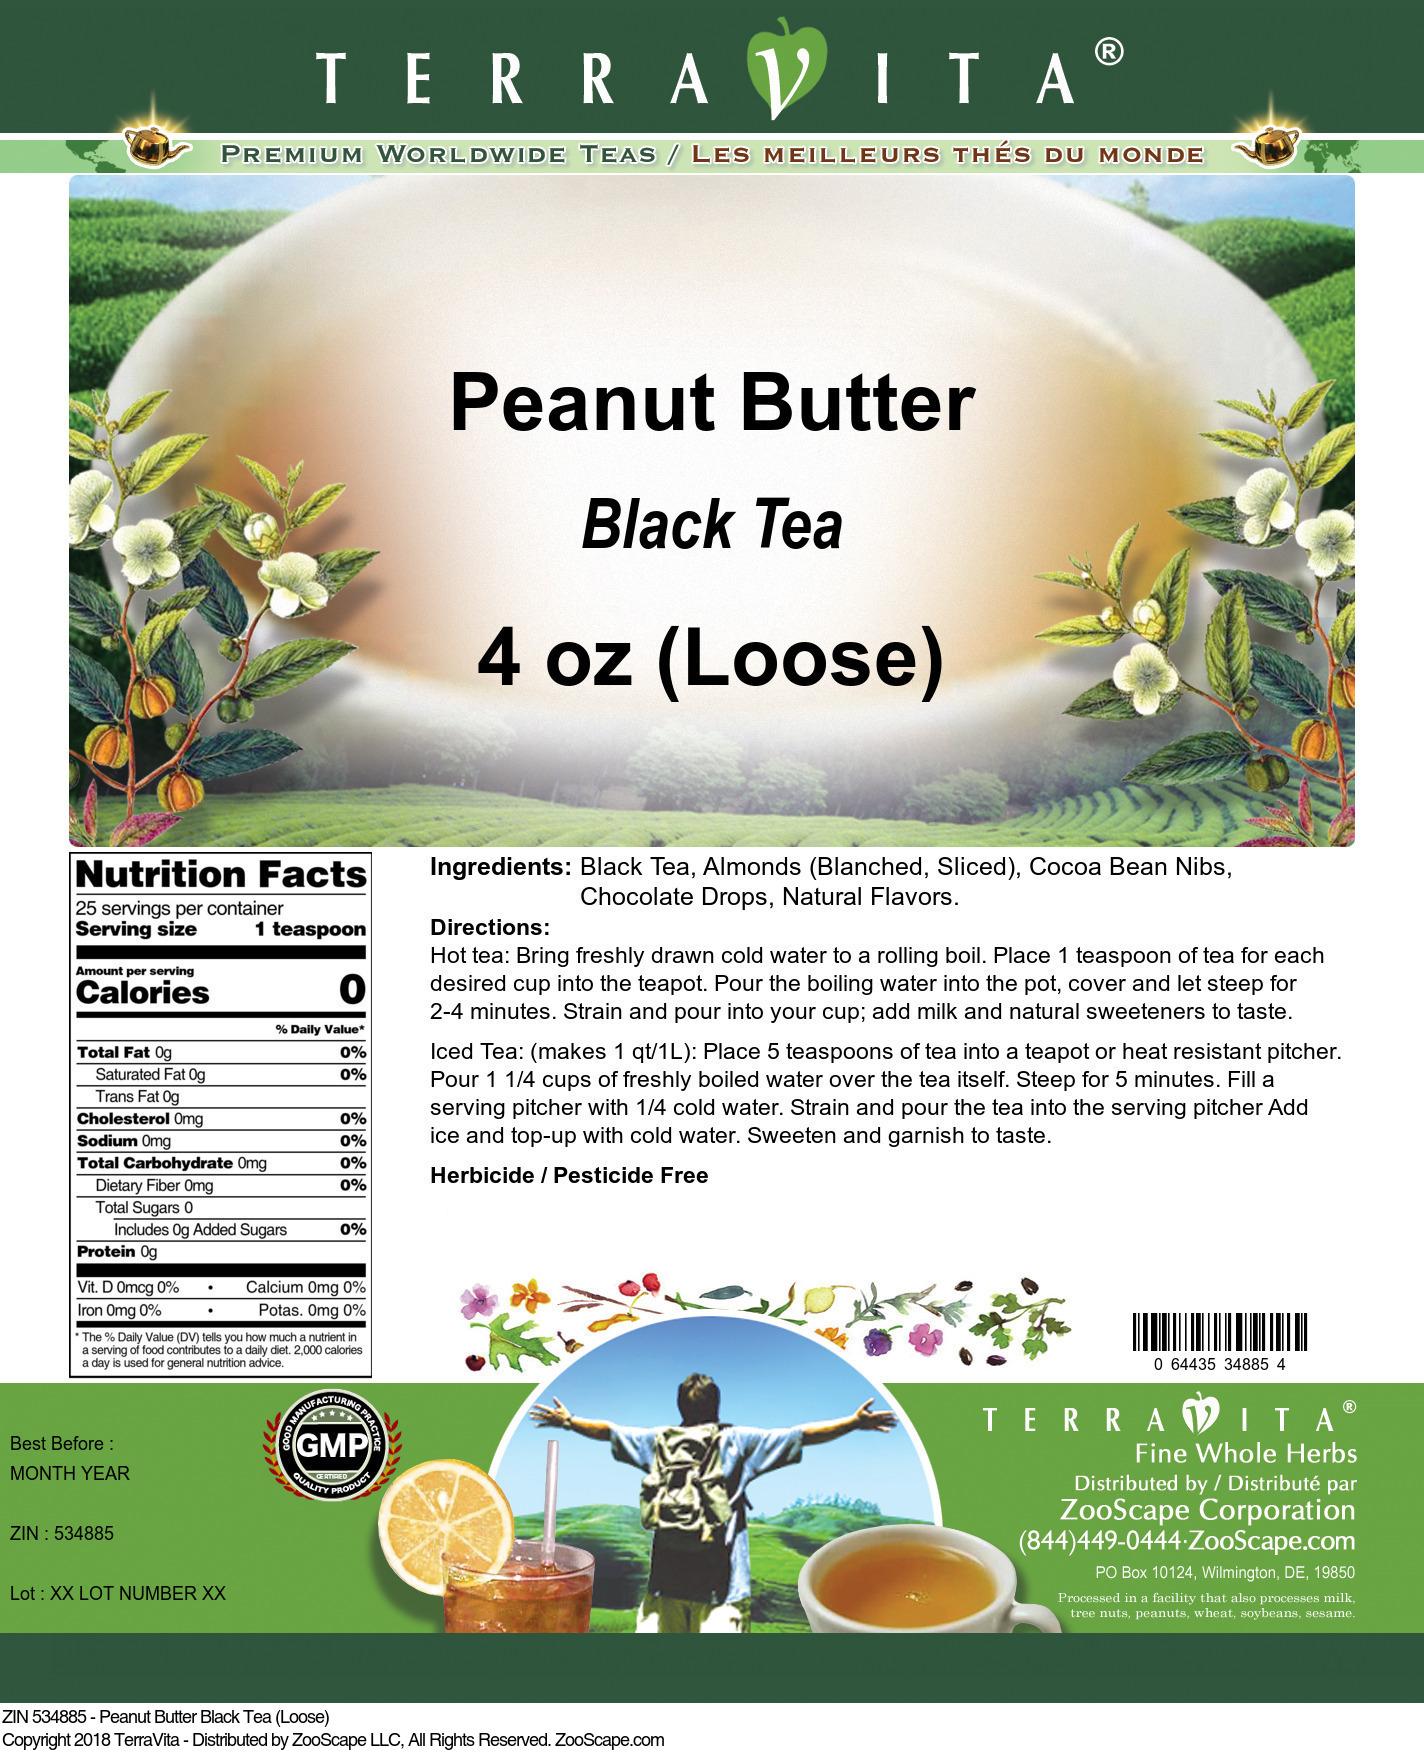 Peanut Butter Black Tea (Loose)